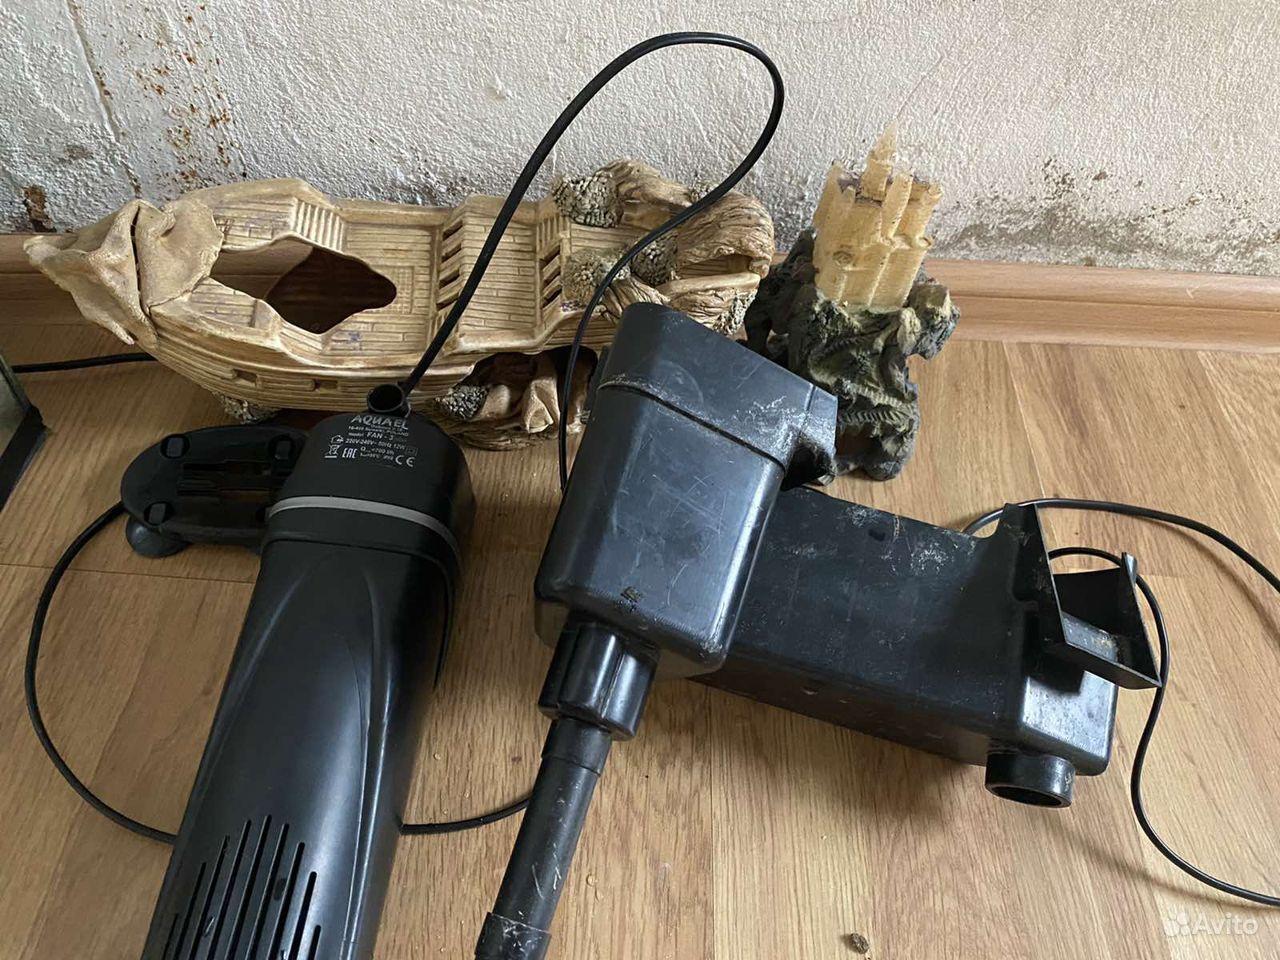 Фильтры, декорации для аквариума купить на Зозу.ру - фотография № 1